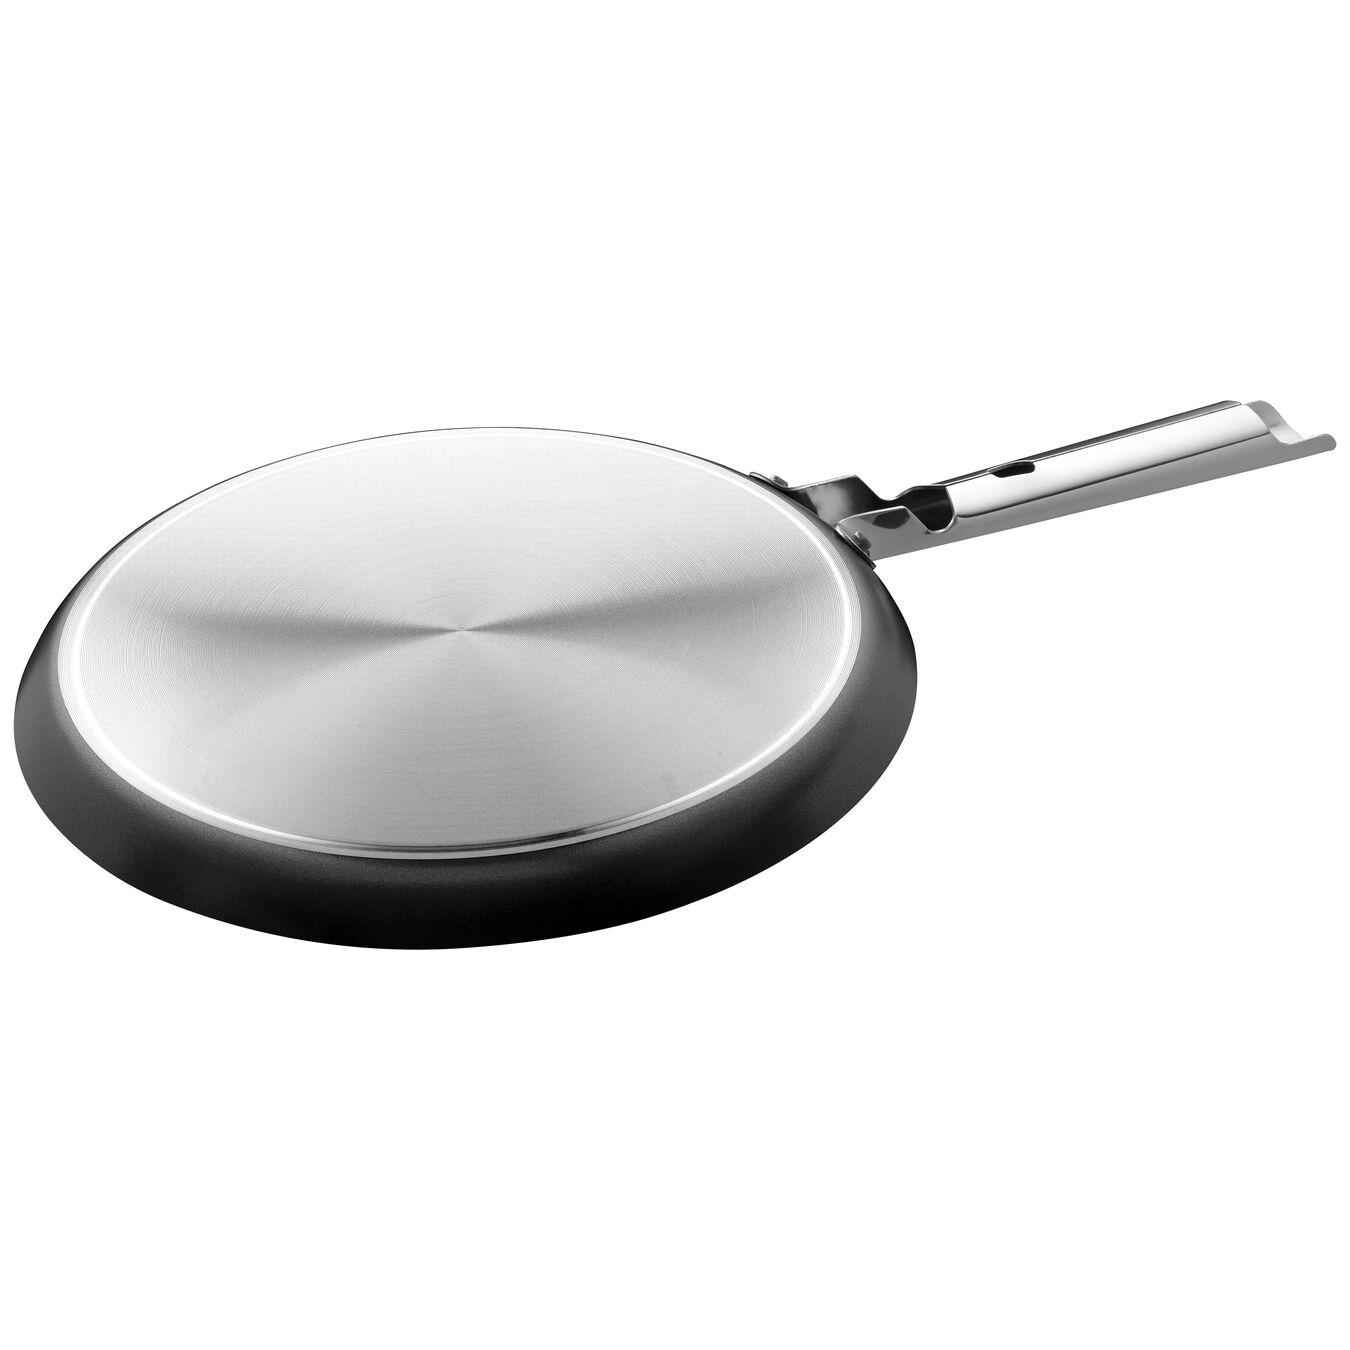 Crepiere - 25 cm, alluminio, Keravis,,large 4